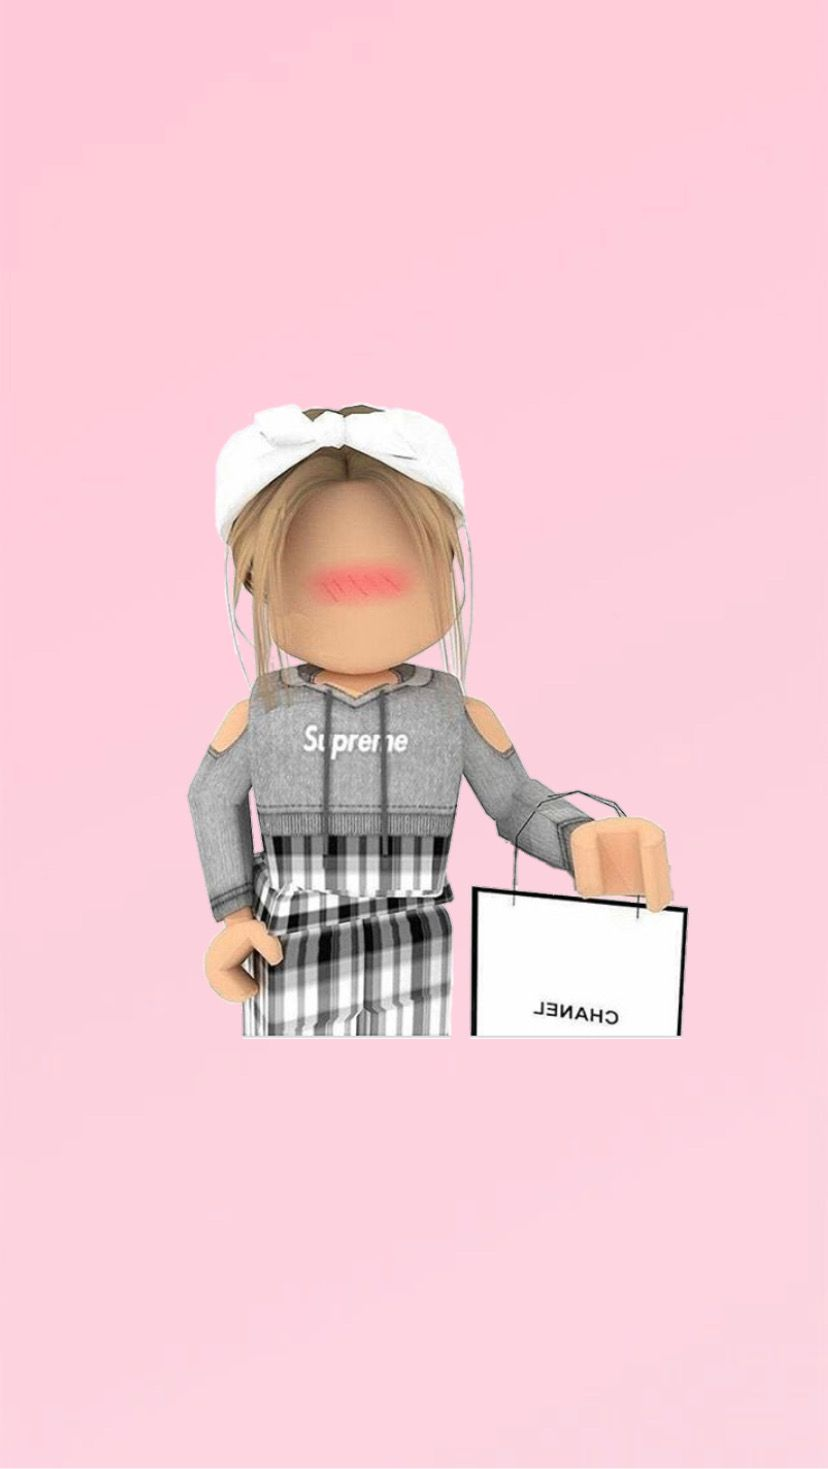 Madchen Das Herz Mit Ihren Handen Roblox Wallpaper Macht In 2021 Cute Tumblr Wallpaper Roblox Pictures Roblox Animation